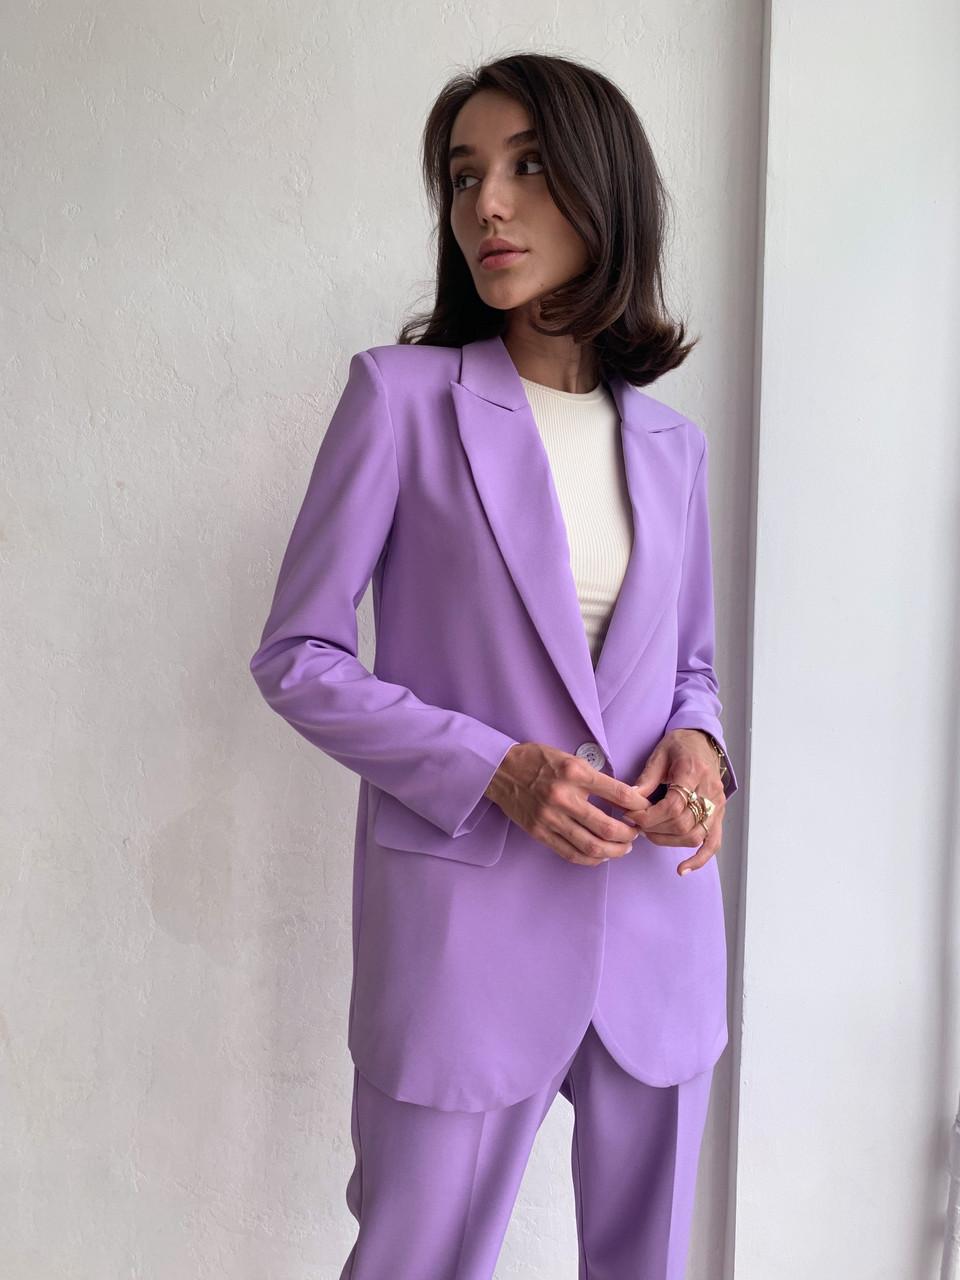 Женский стильный брючный костюм с удлиненным пиджаком Разные цвета